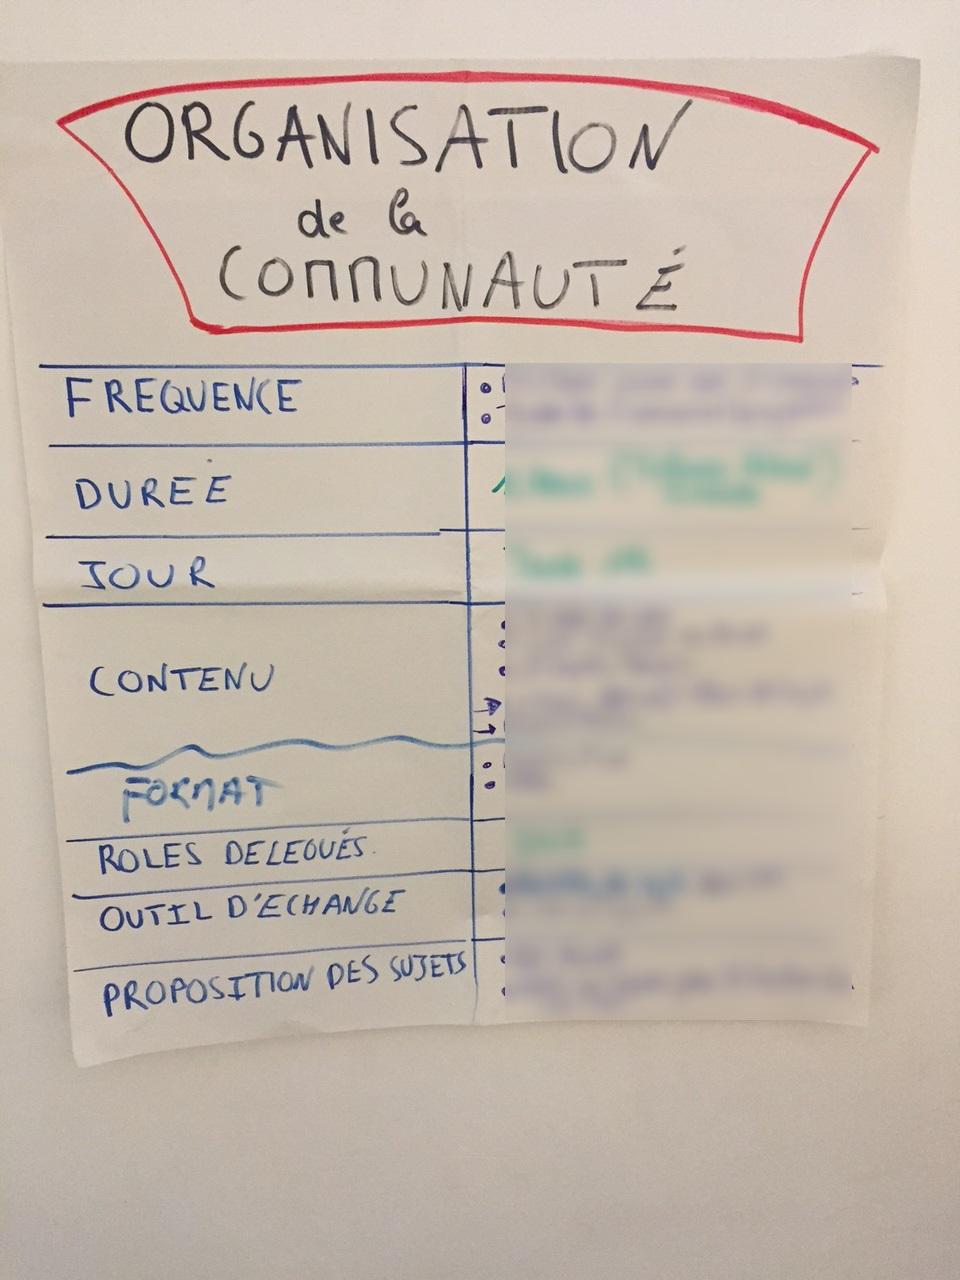 Organisation de la communauté de pratique